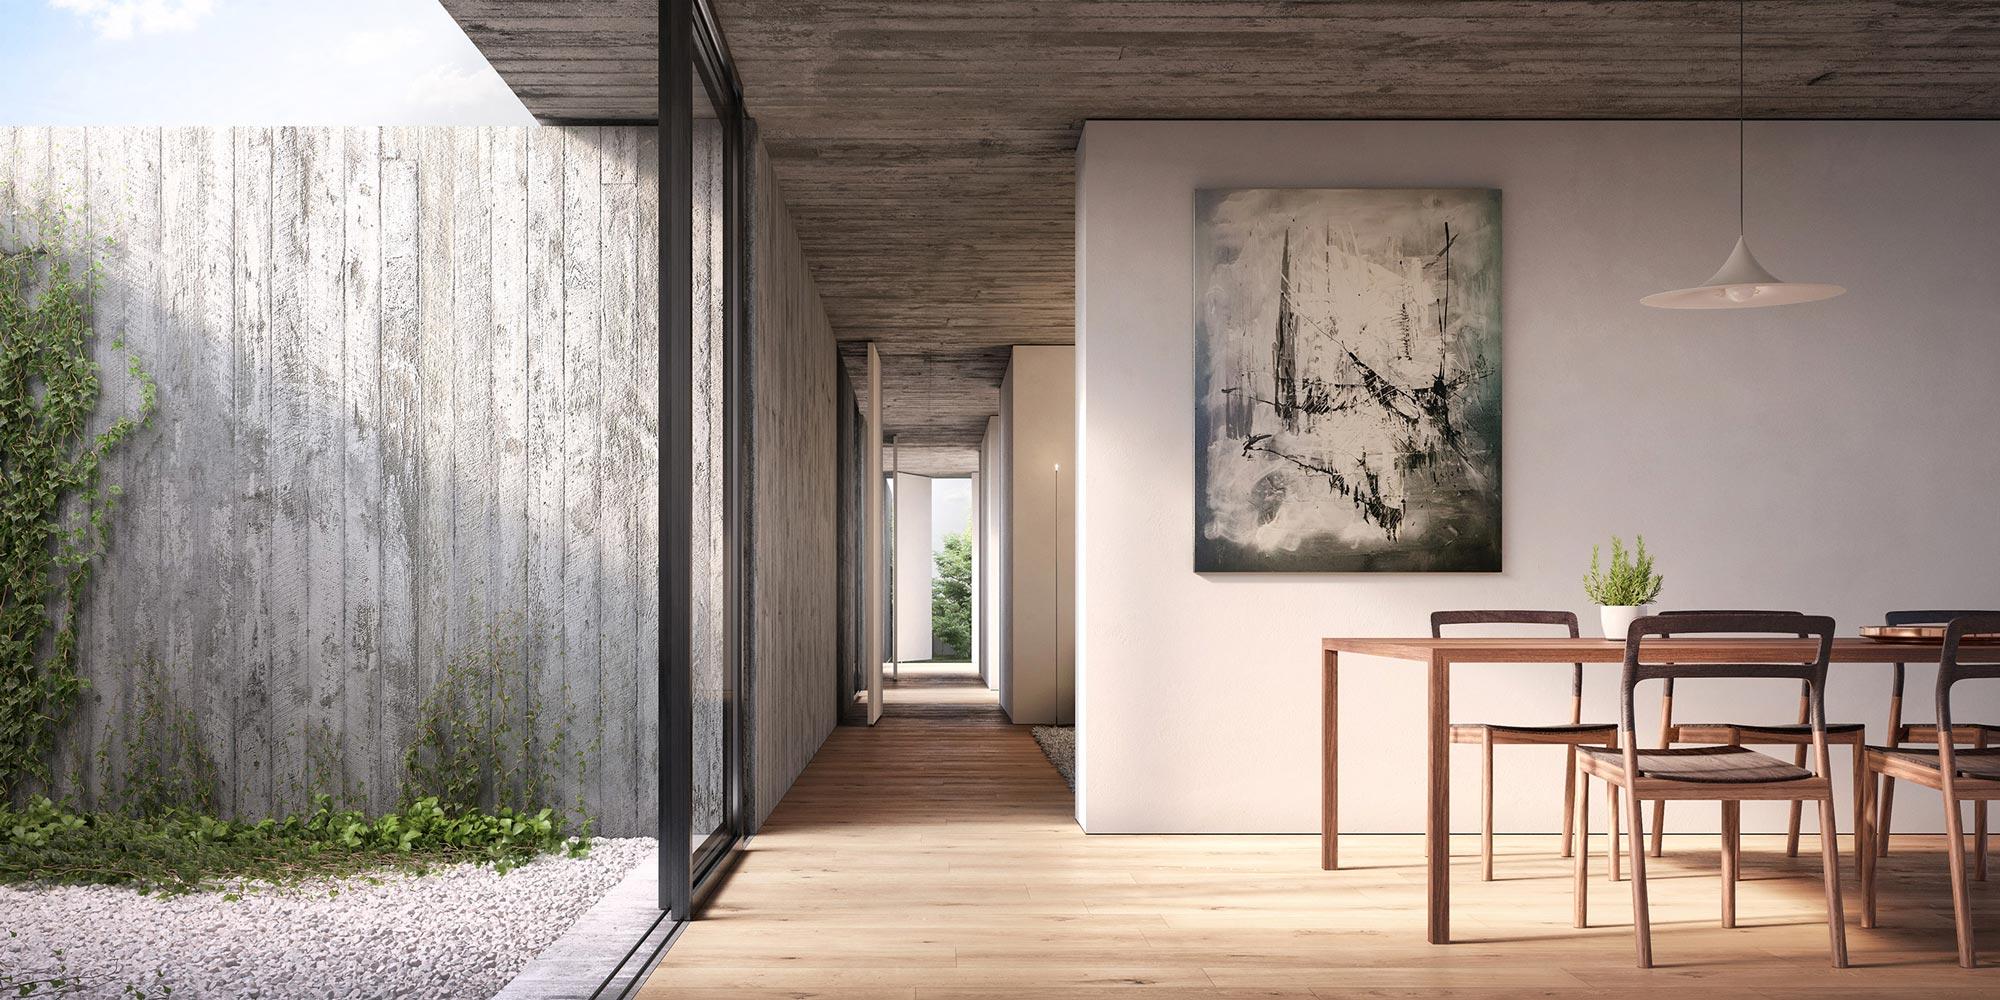 phdd arquitectos | Casa na Malveira, Malveira da Serra (PT)